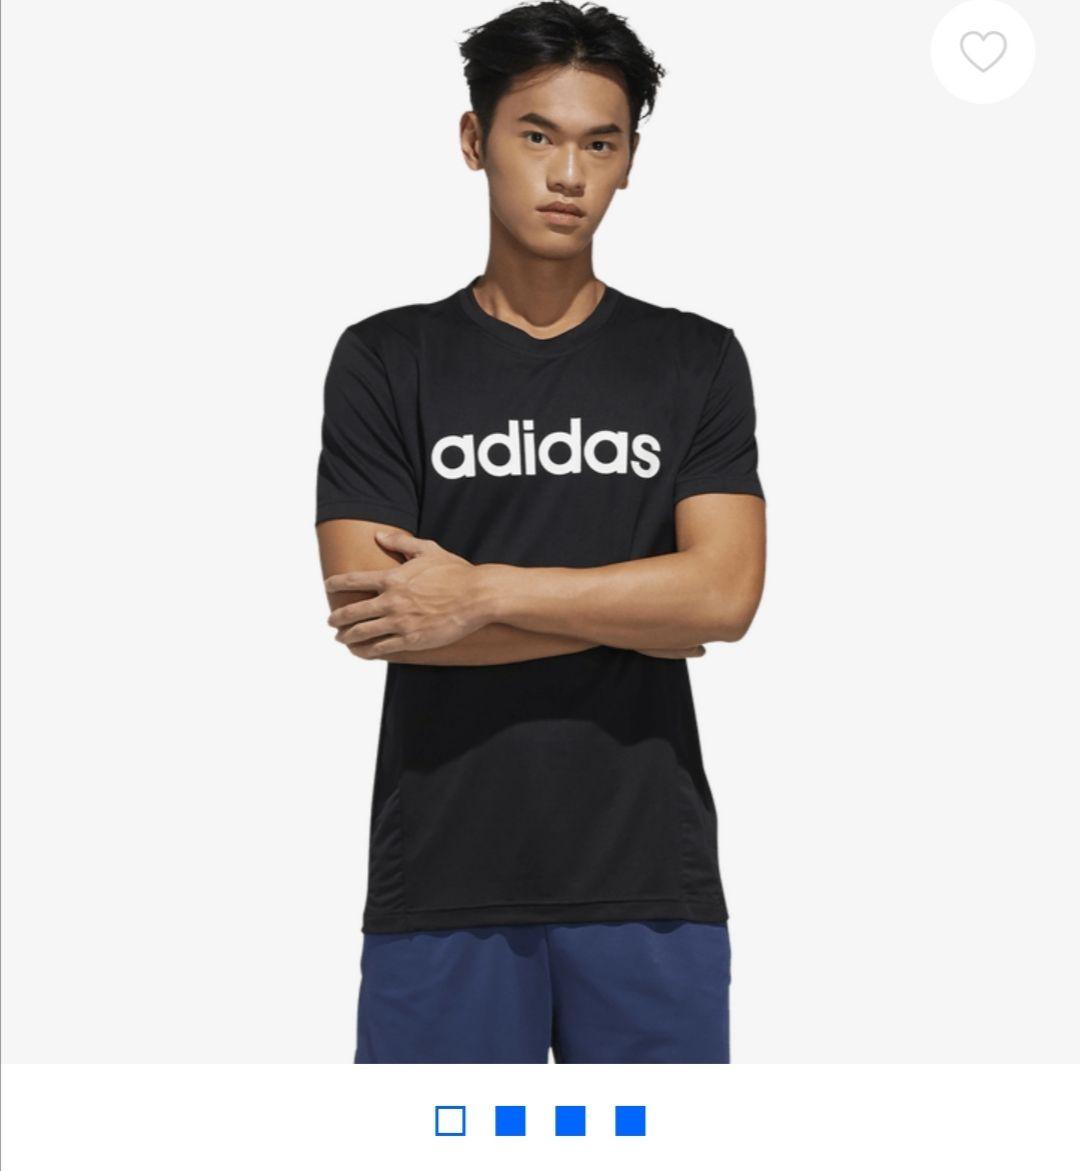 Martí en Línea: Playera Adidas fitness